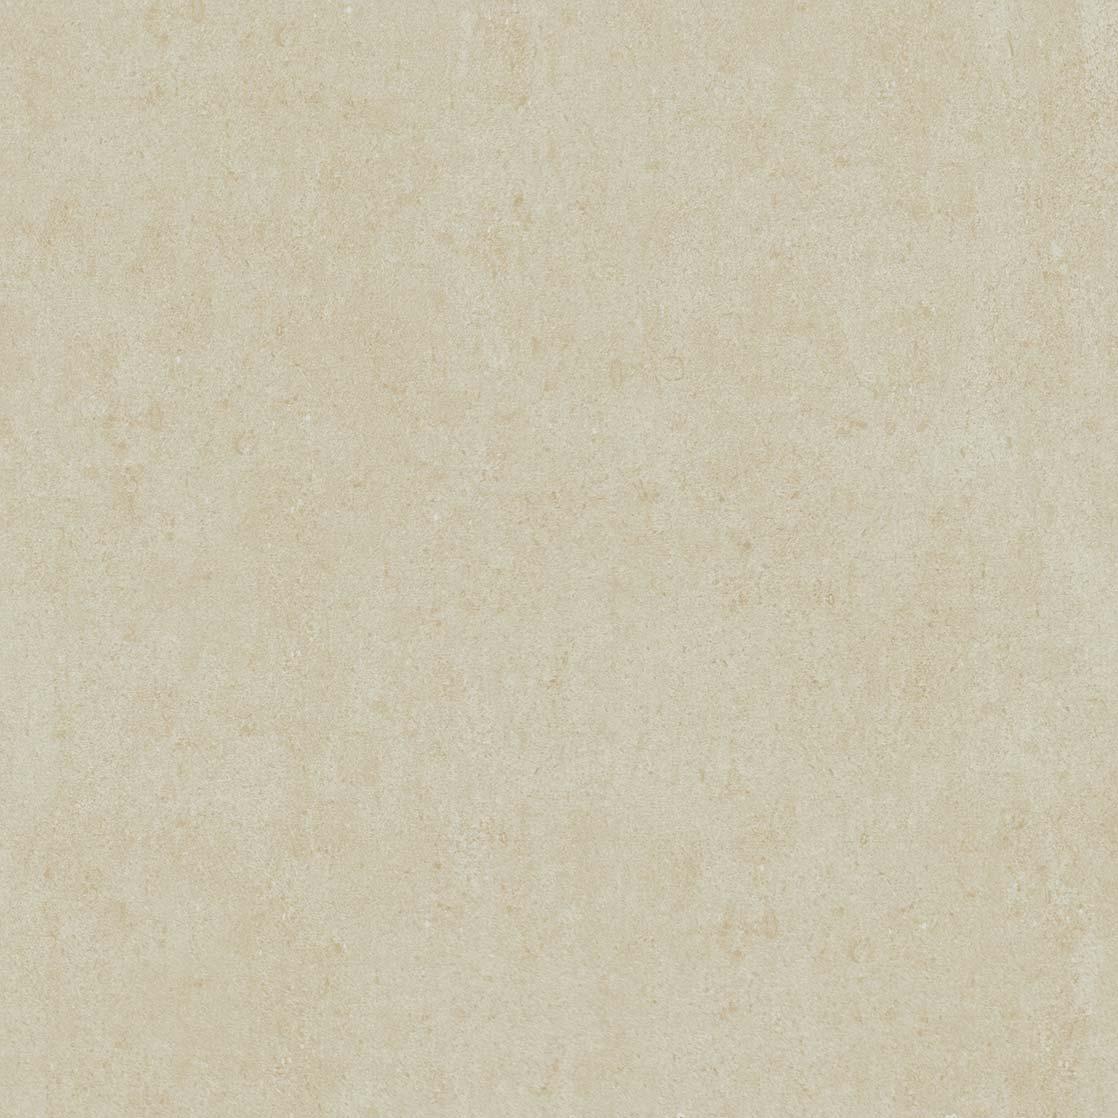 Gạch lát nền 600x600 Viglacera BS6602 giá rẻ